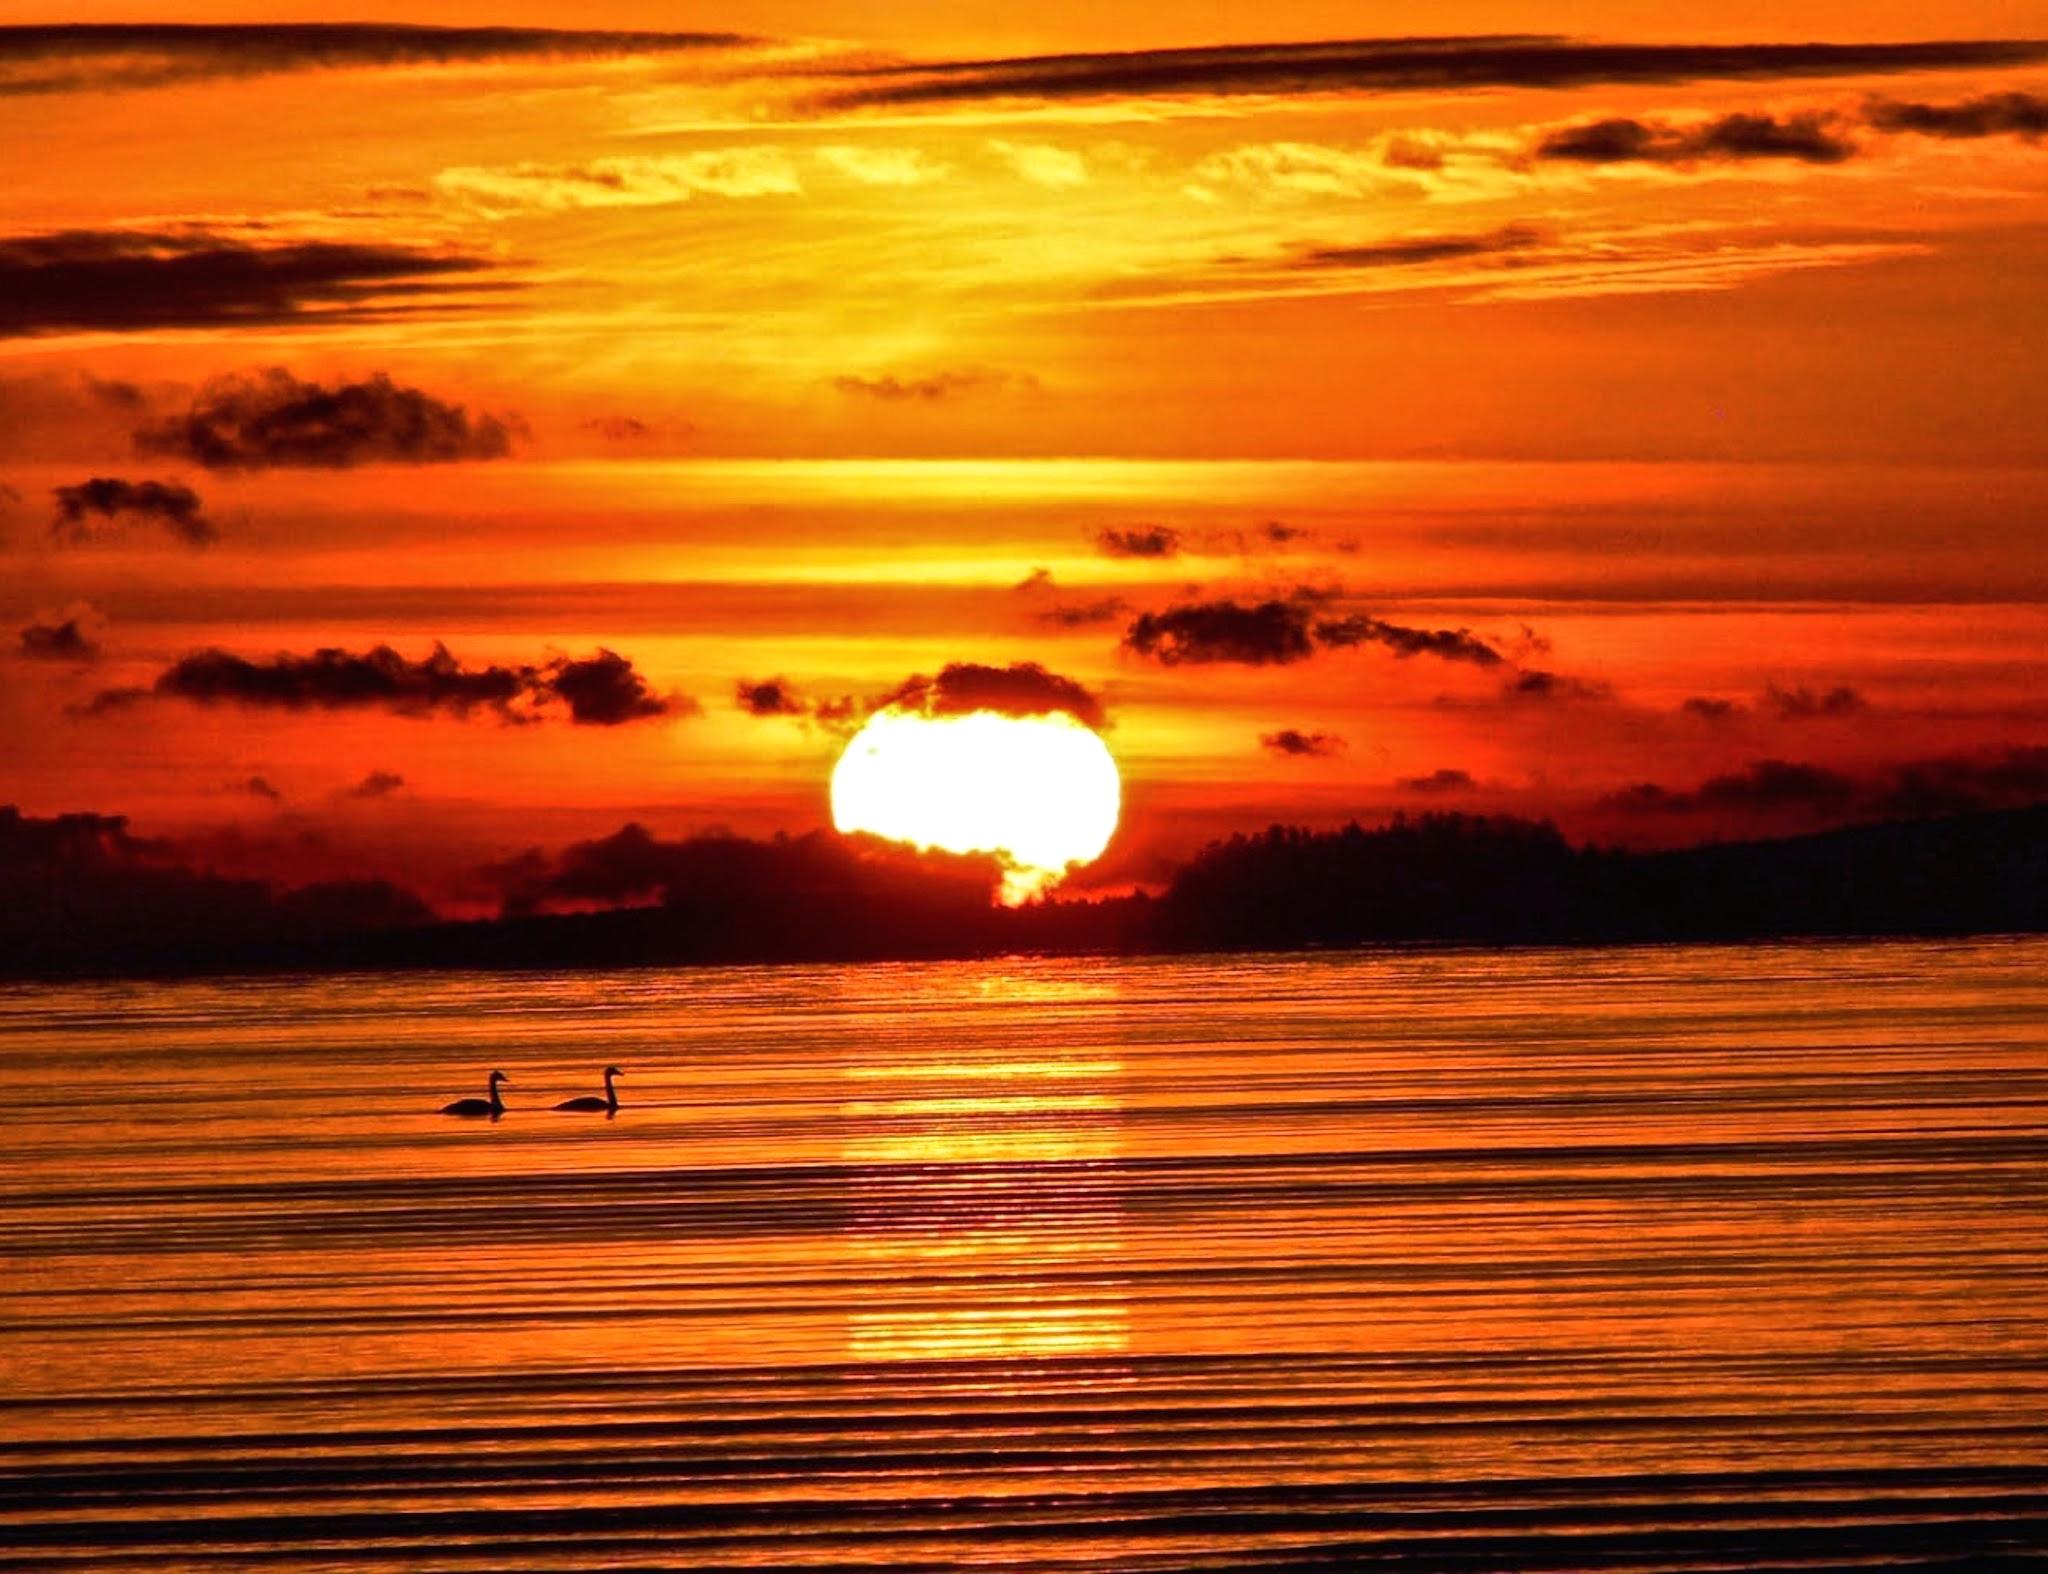 Katrina 3d Wallpaper Tranquil Sunset Wallpaper Free Hd Sunset Backgrounds